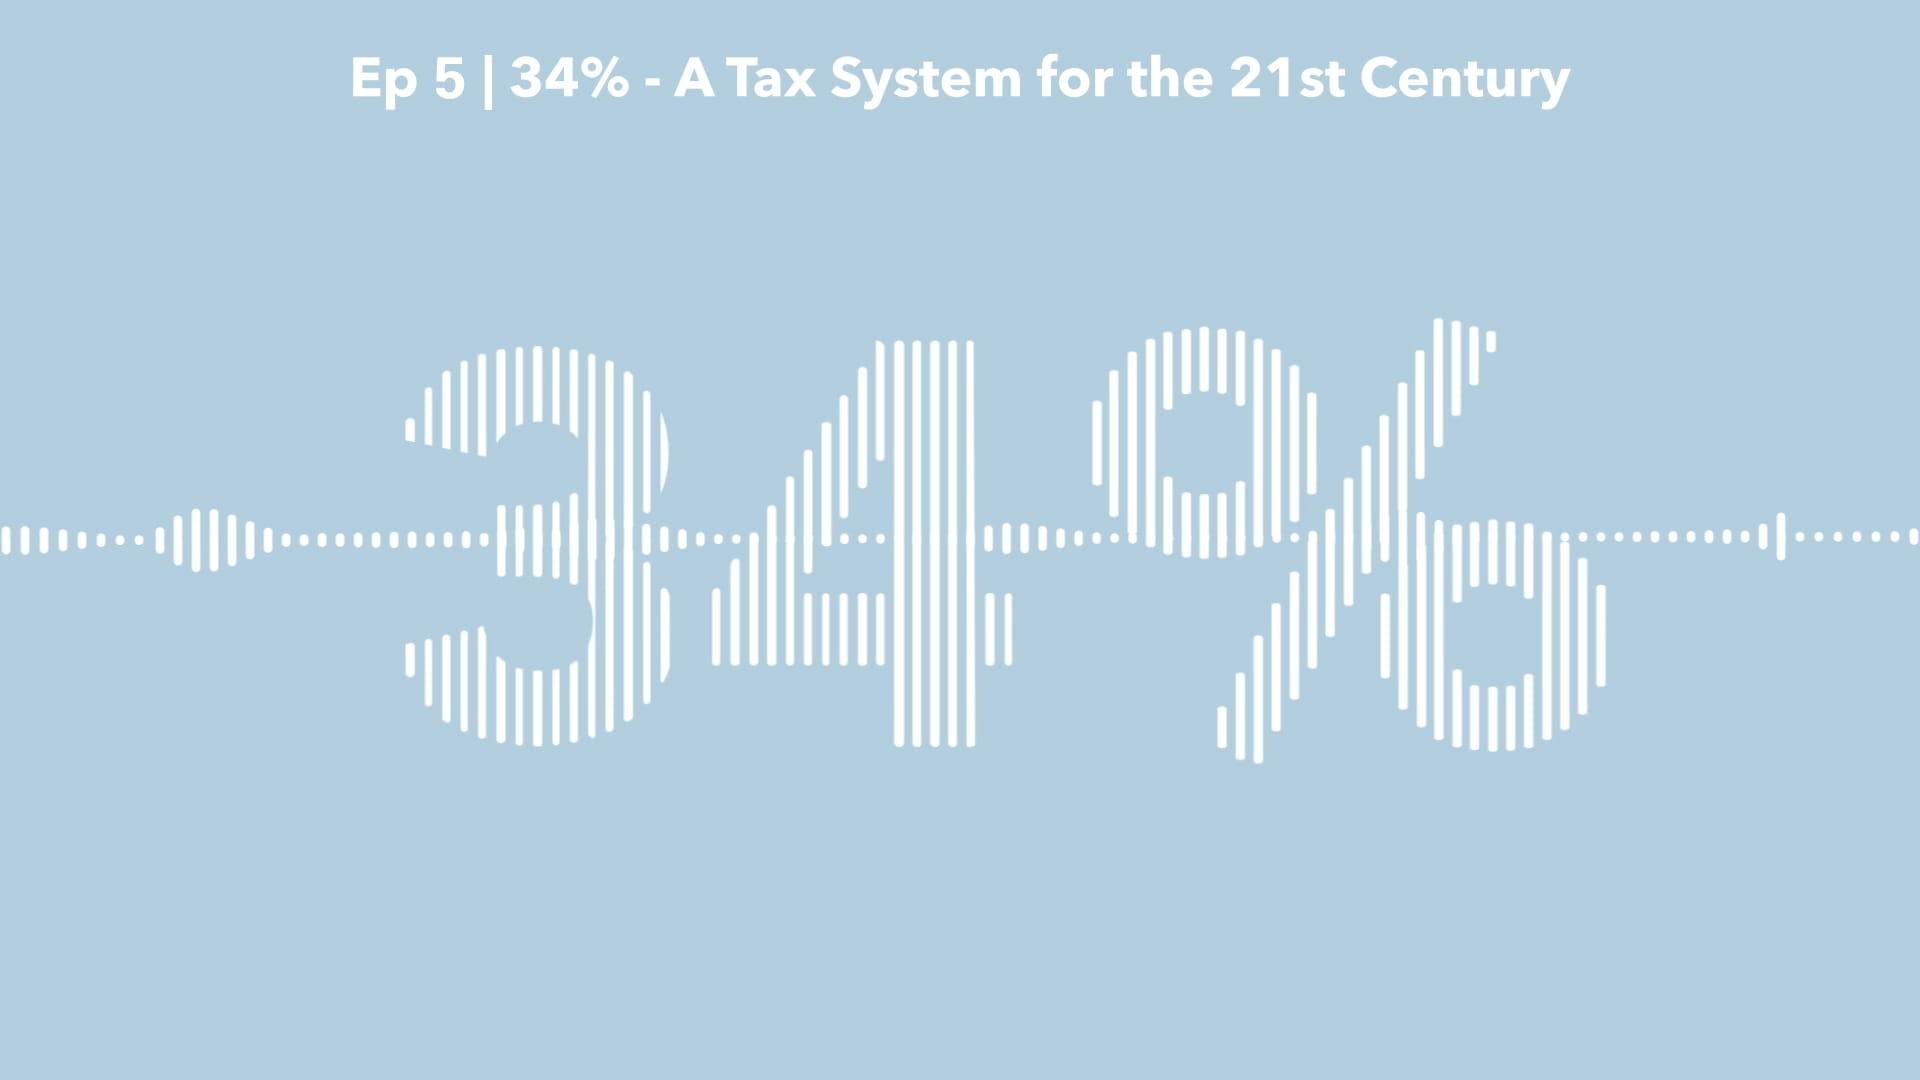 34% tax